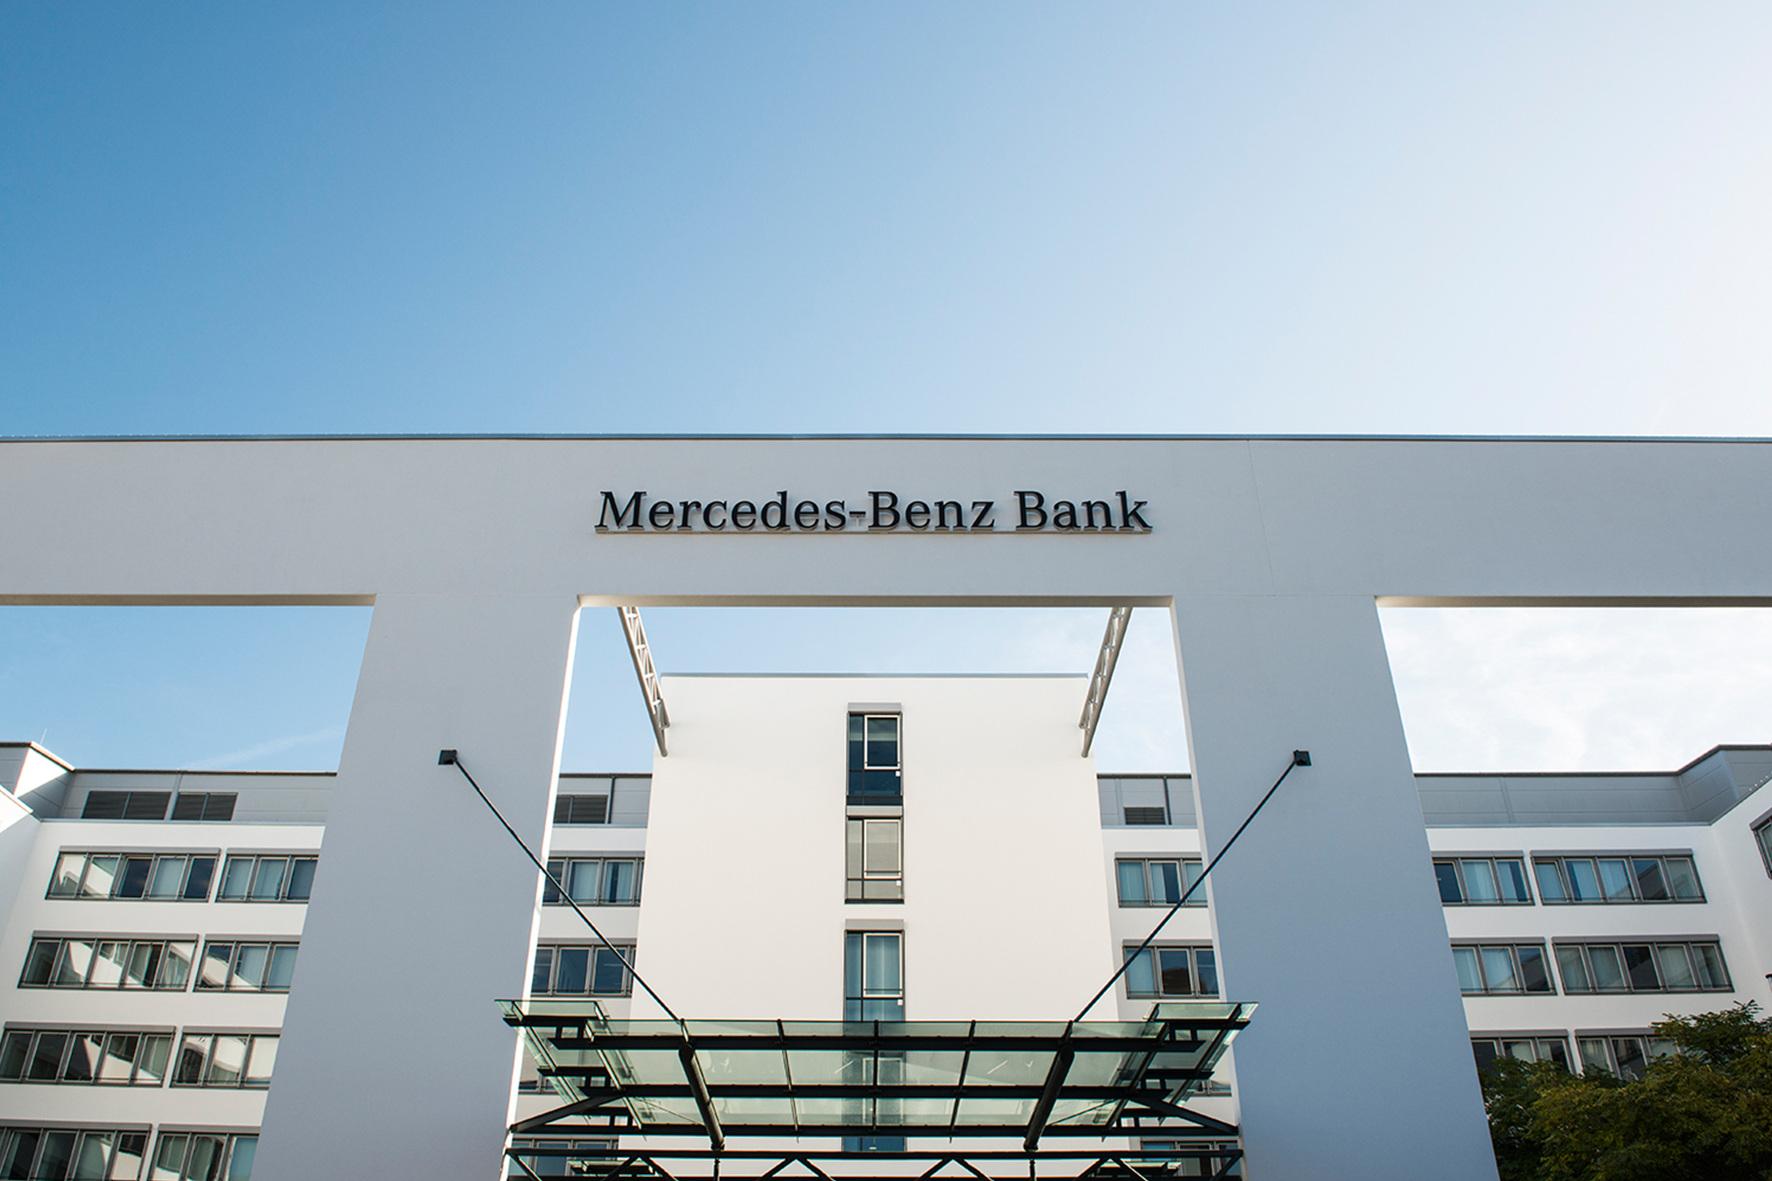 Vom Fahrzeugfinanzierer zum Mobilitätsdienstleister: Mercedes-Benz Bank wächst mit neuen Produkten.